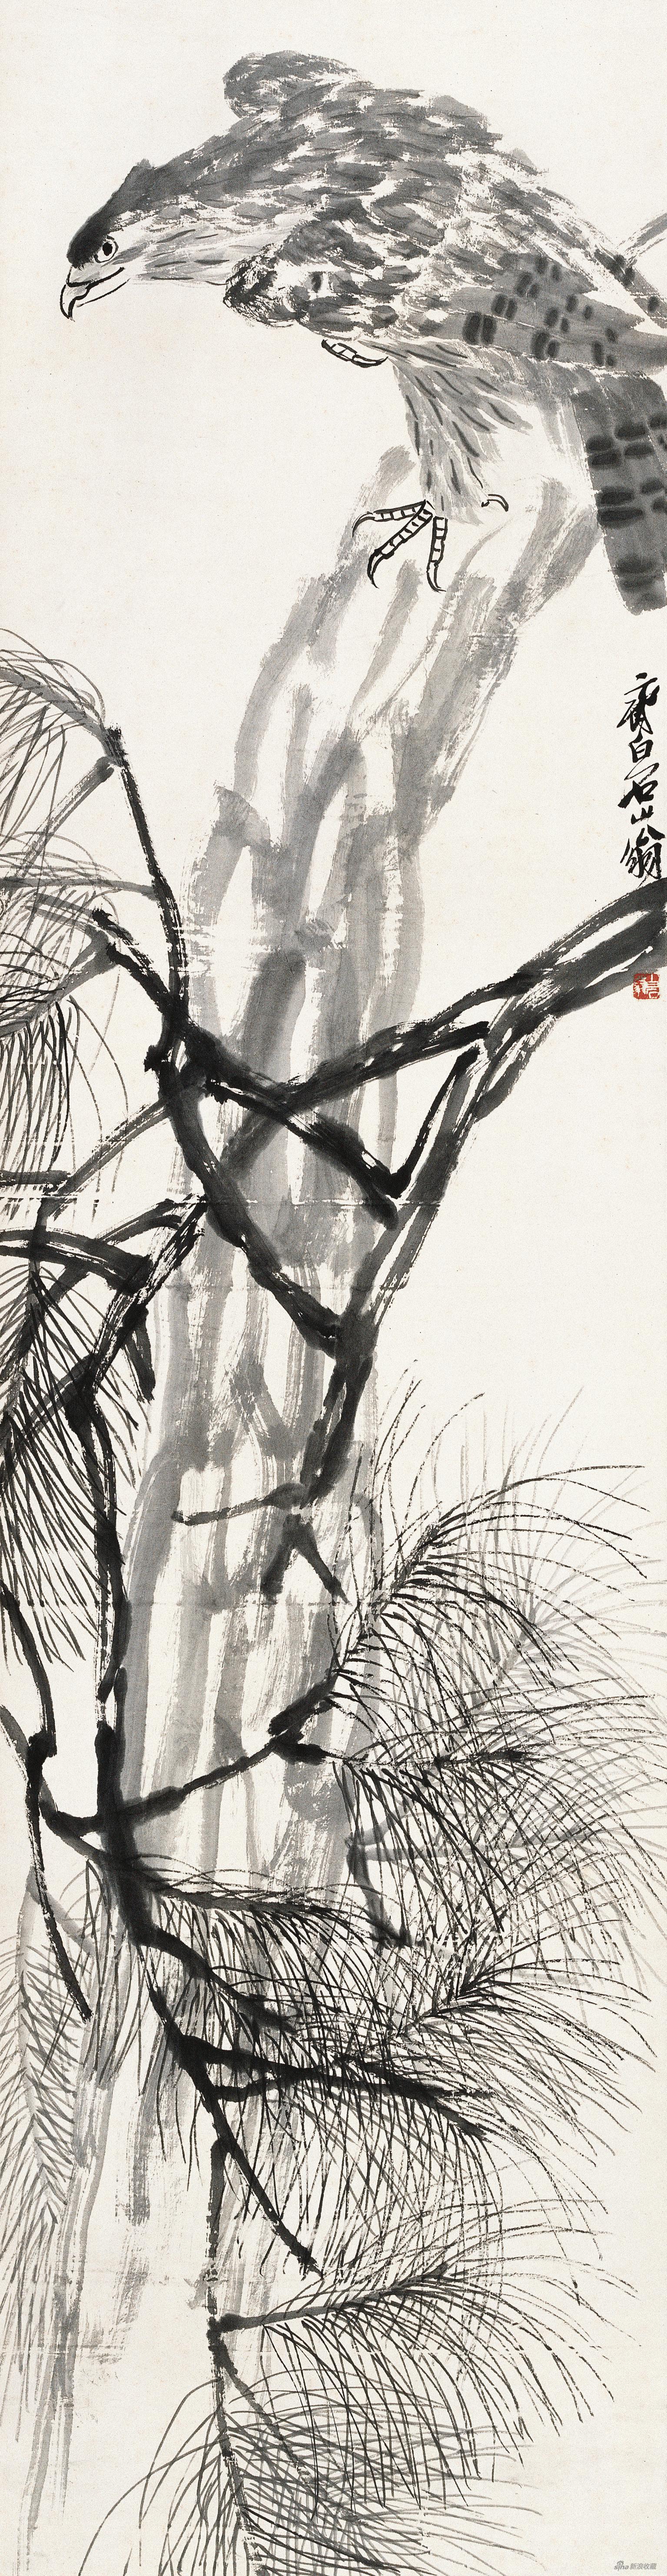 松鹰图 齐白石 182cm×47cm 无年款 纸本水墨 北京画院藏